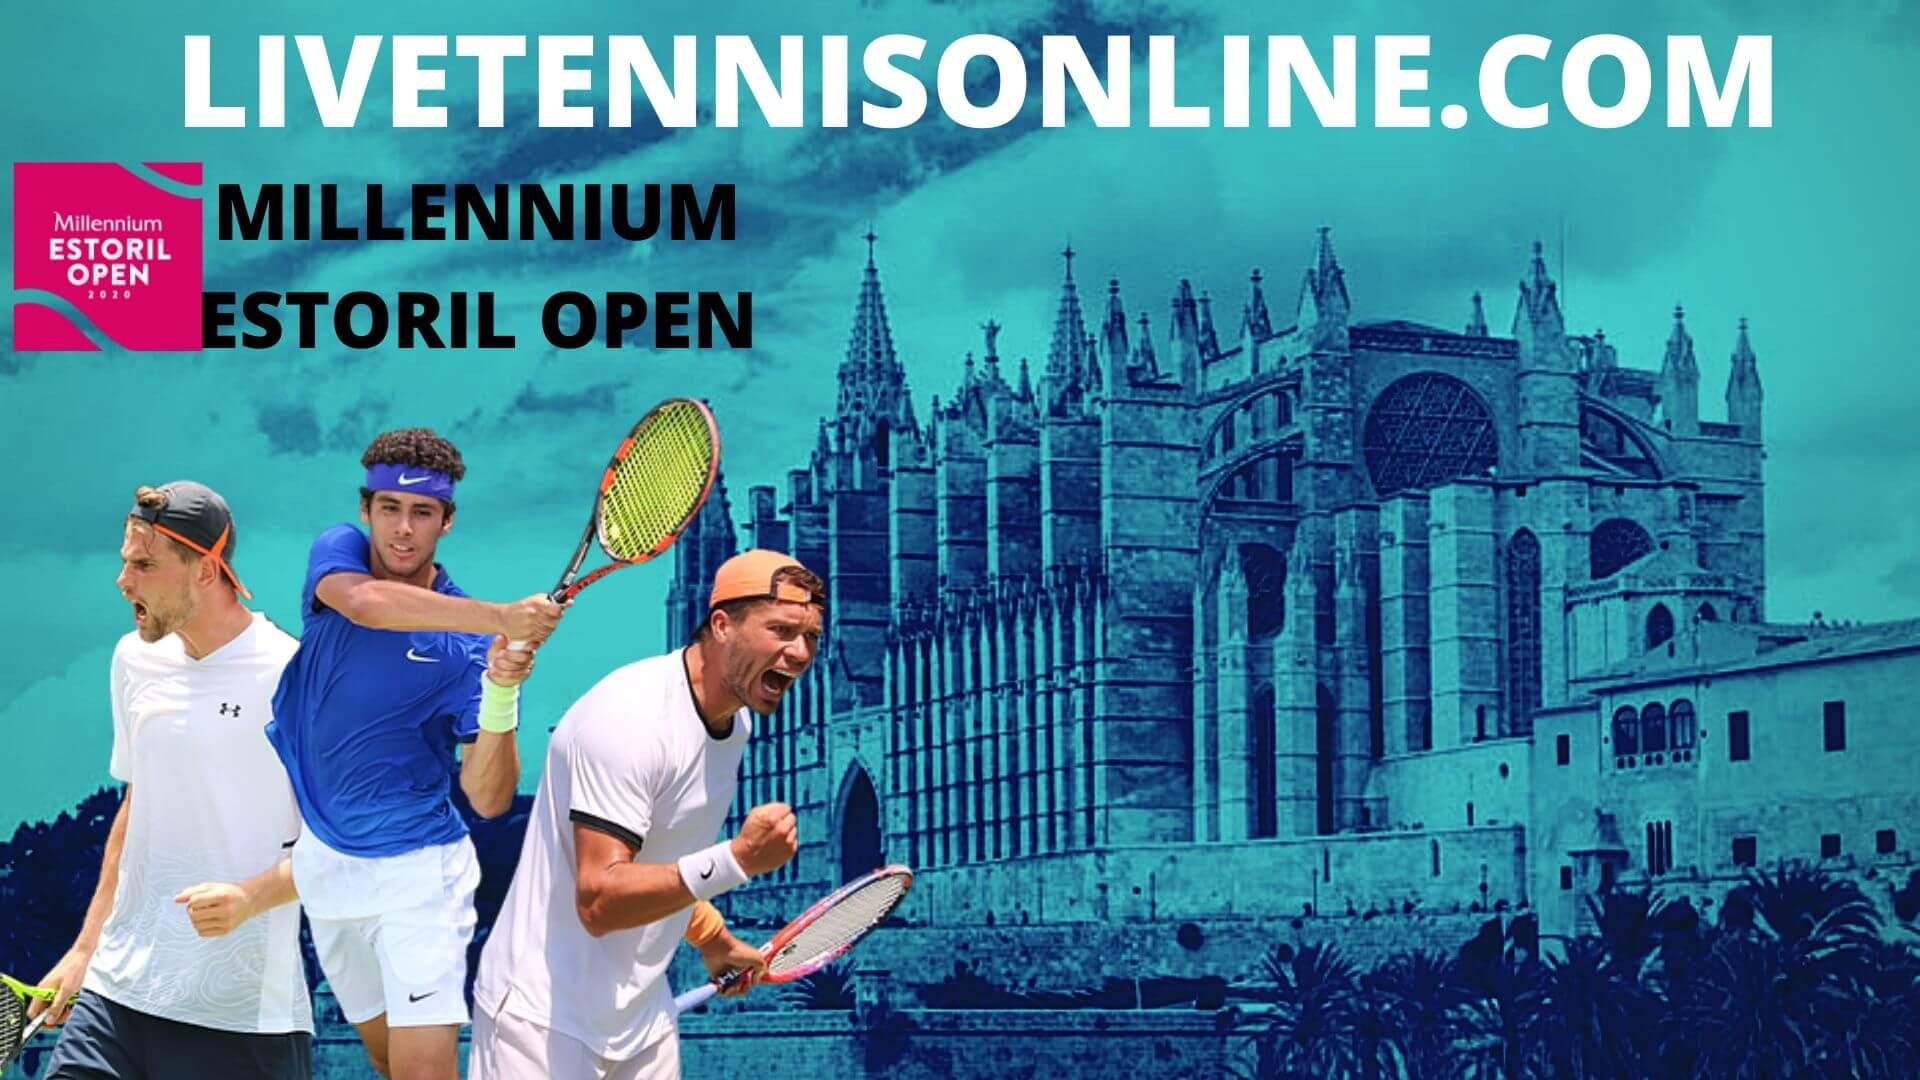 Millennium Estoril Open Live Stream 2020 | ATP Day 3